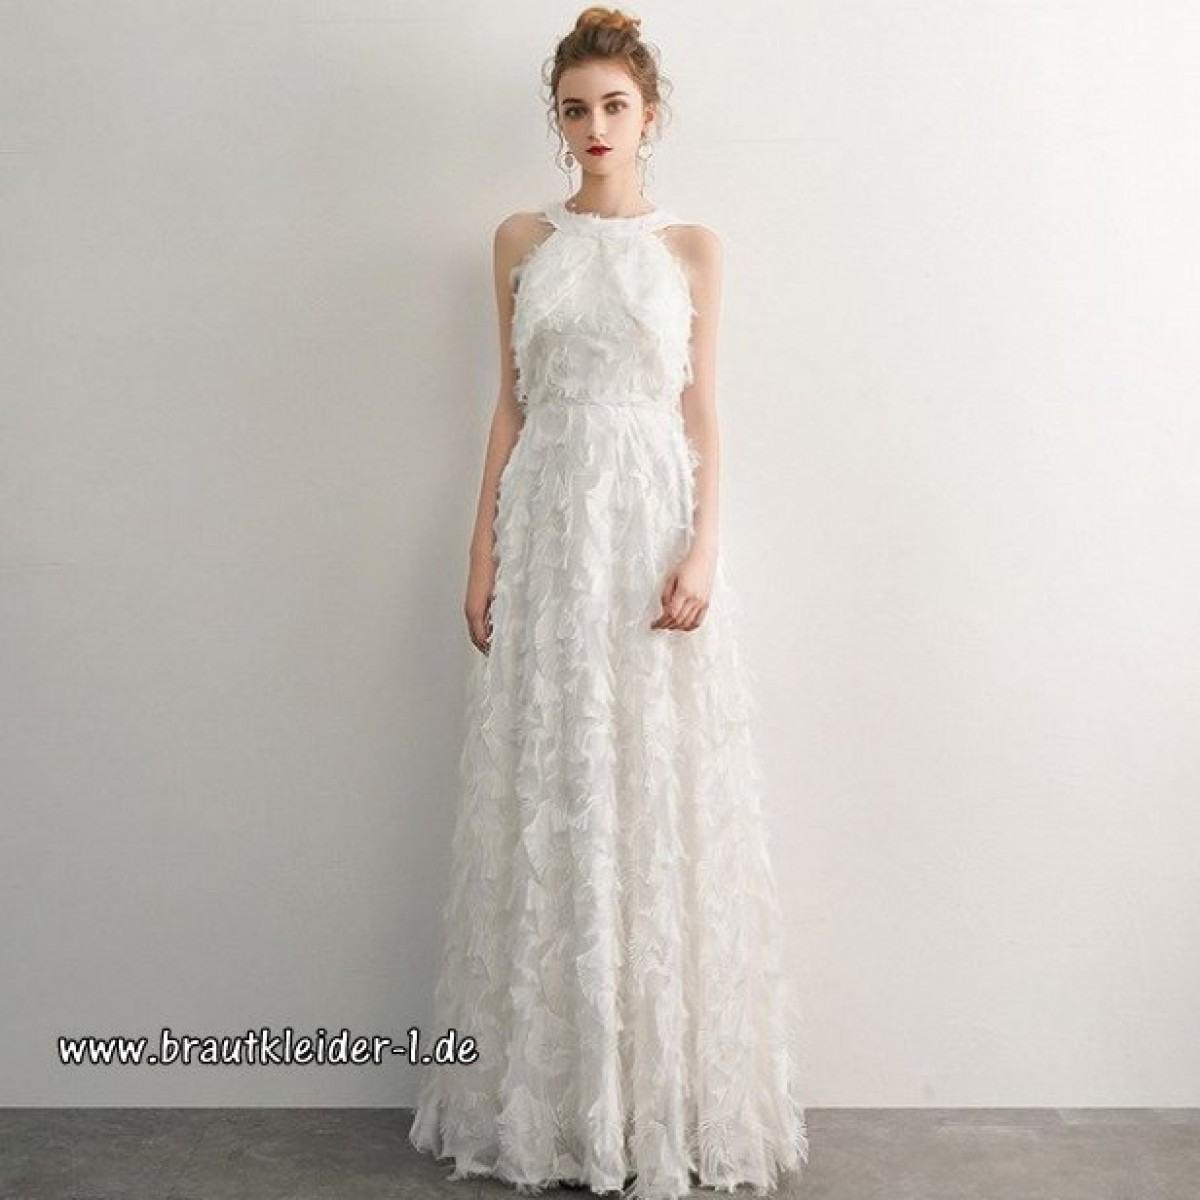 13 Einfach Kleid Lang Weiß Bester PreisDesigner Luxurius Kleid Lang Weiß Design